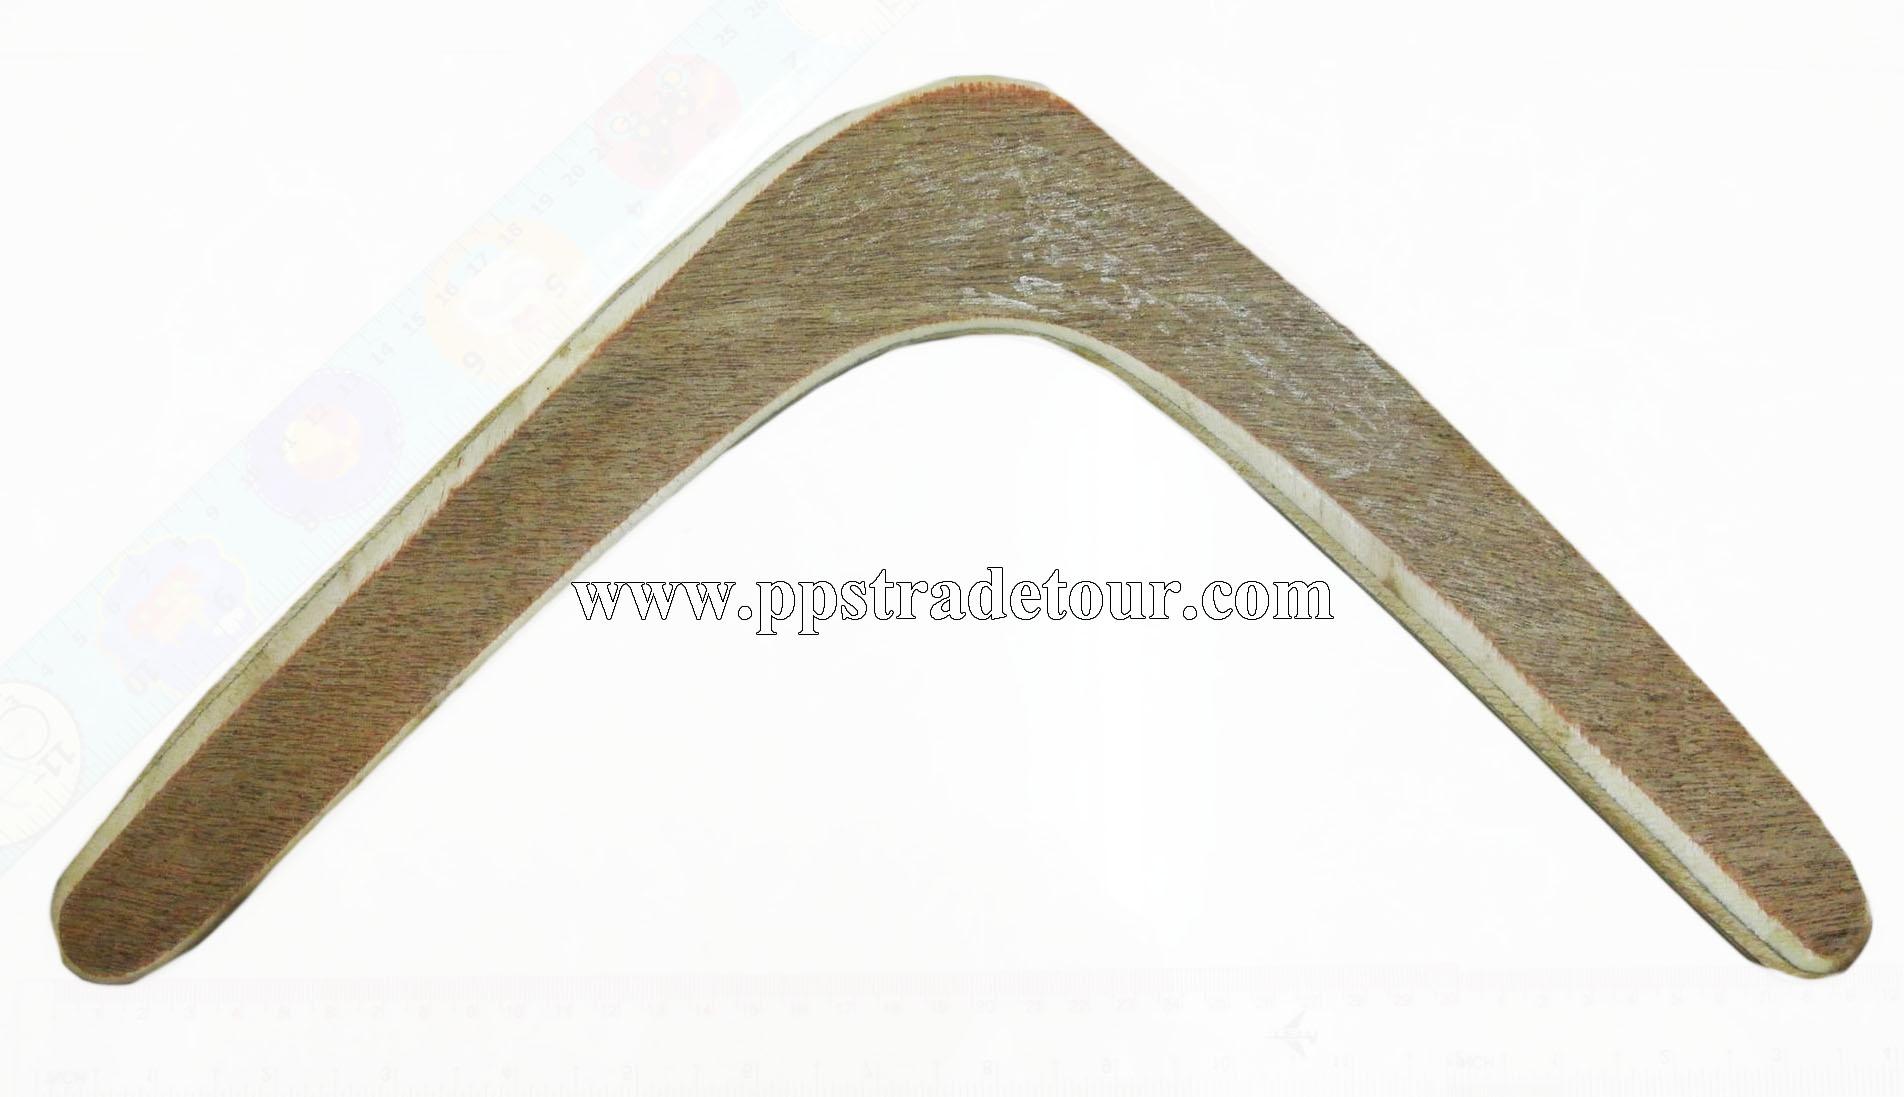 Boomerang-PMN-V017-1